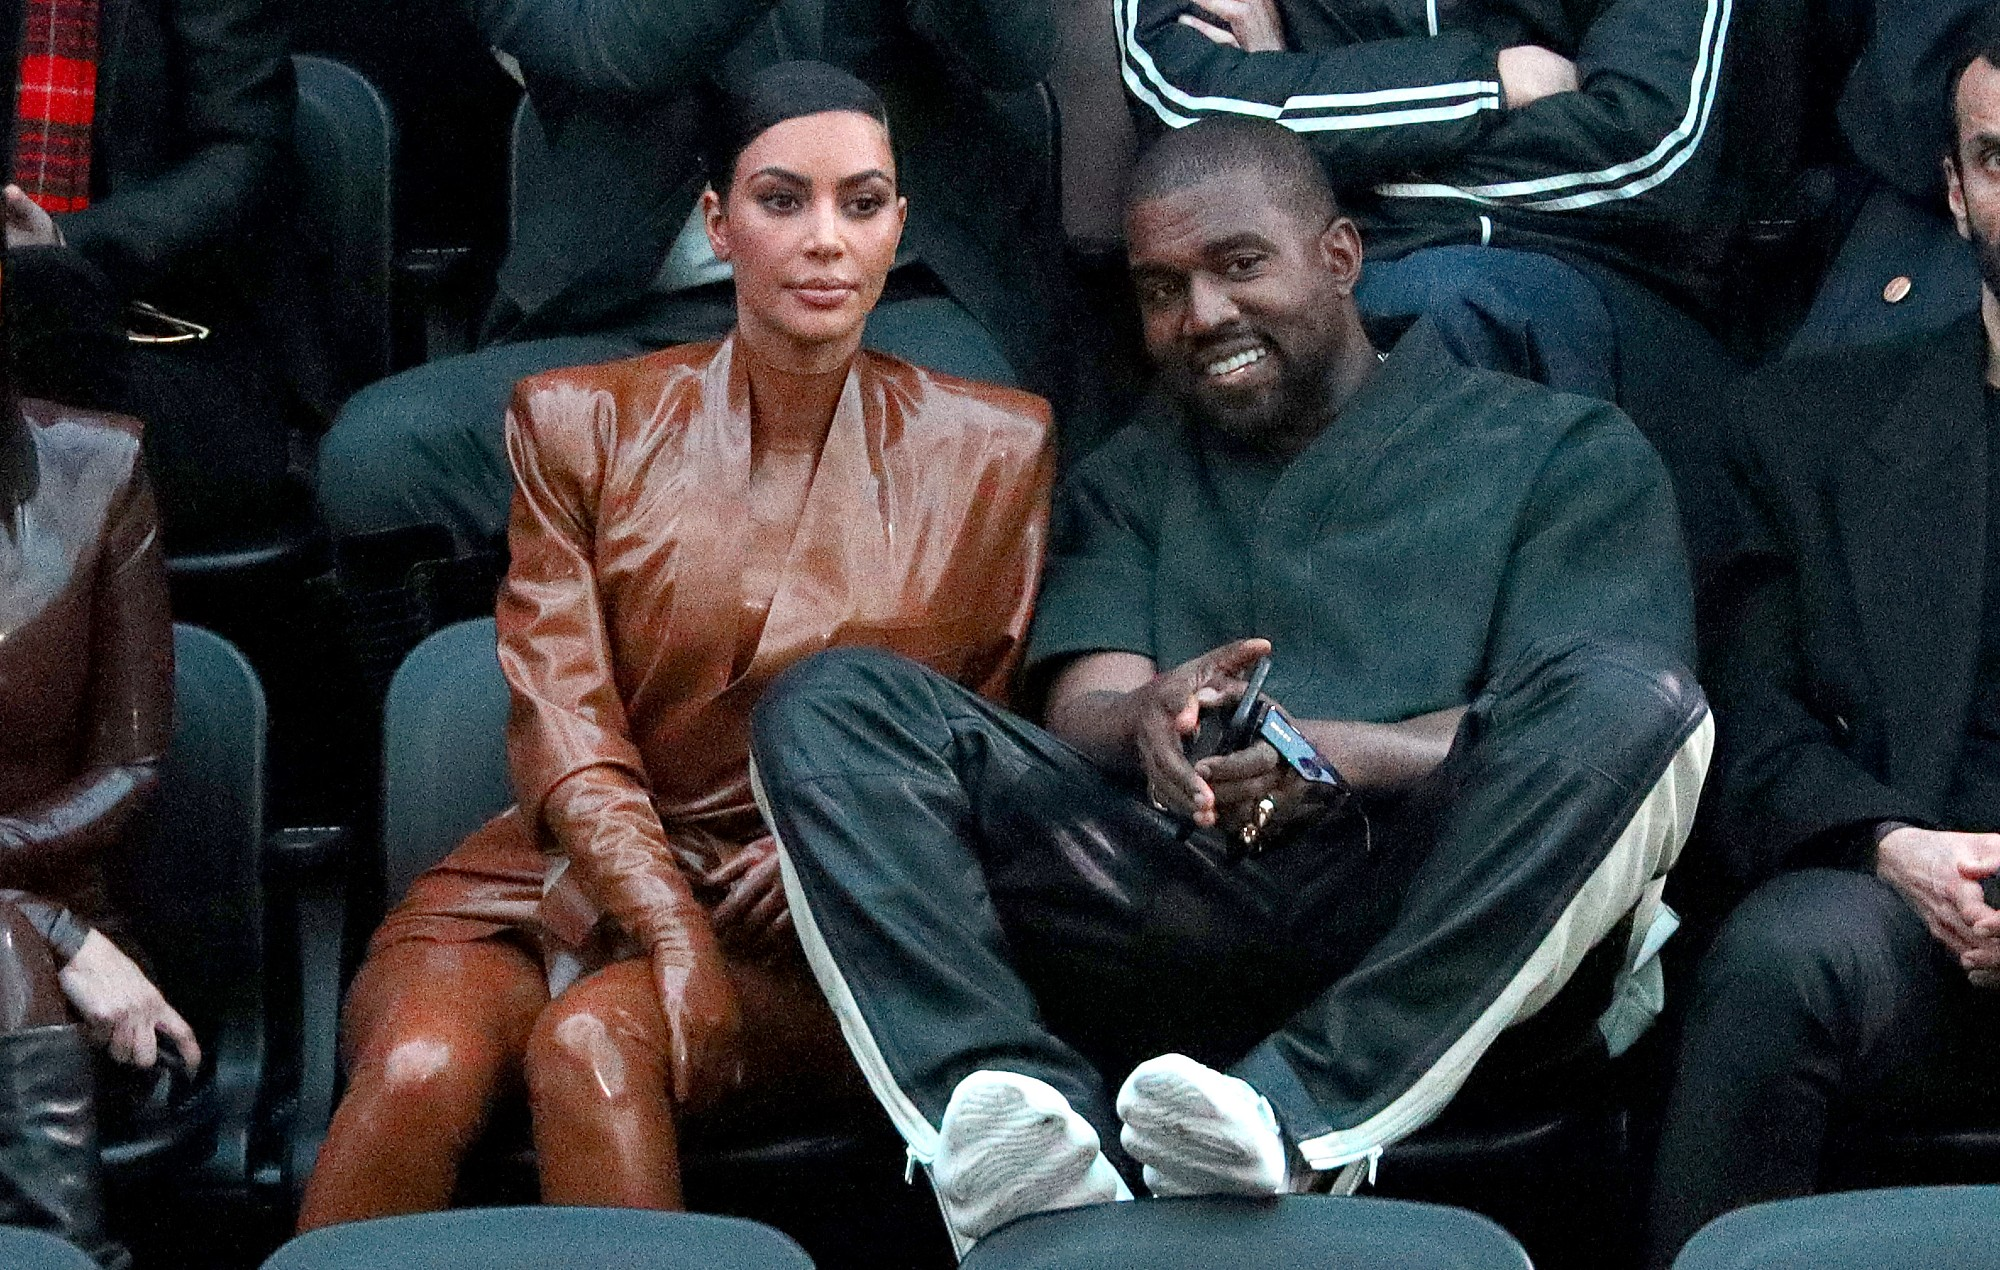 Kanye West Diceraikan Kim Kardashian? Apa Penyebabnya?